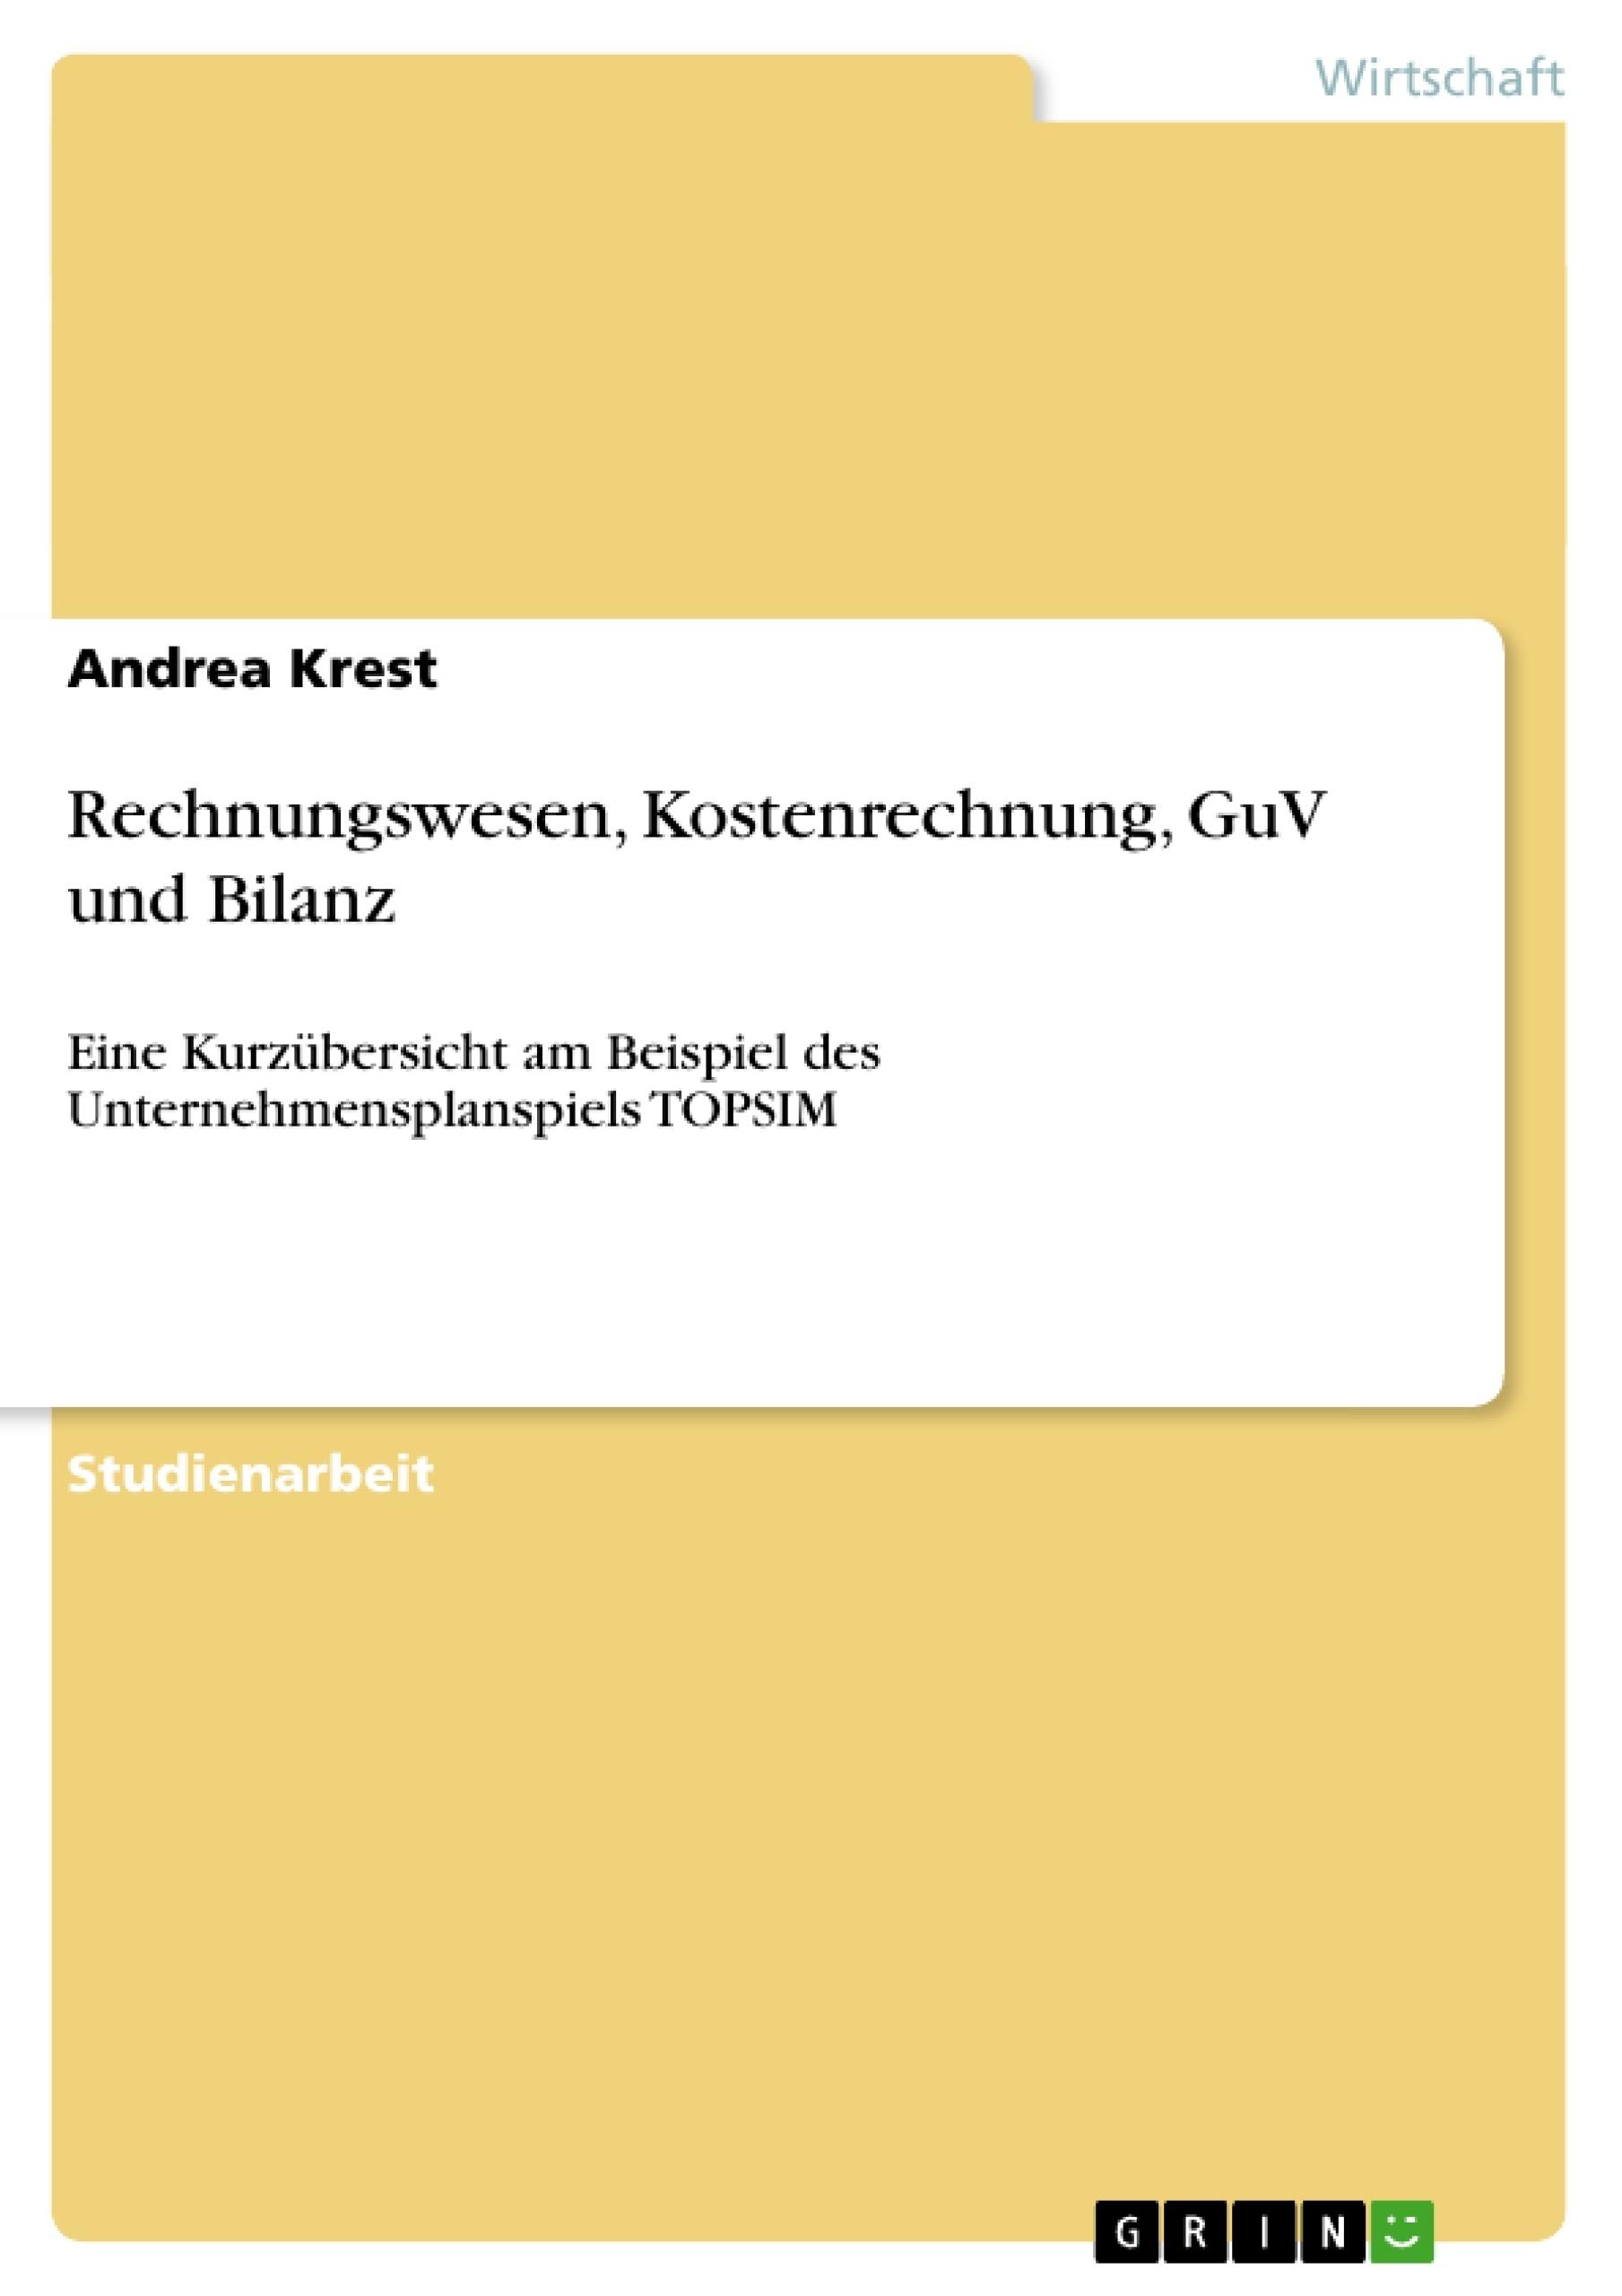 Titel: Rechnungswesen, Kostenrechnung, GuV und Bilanz